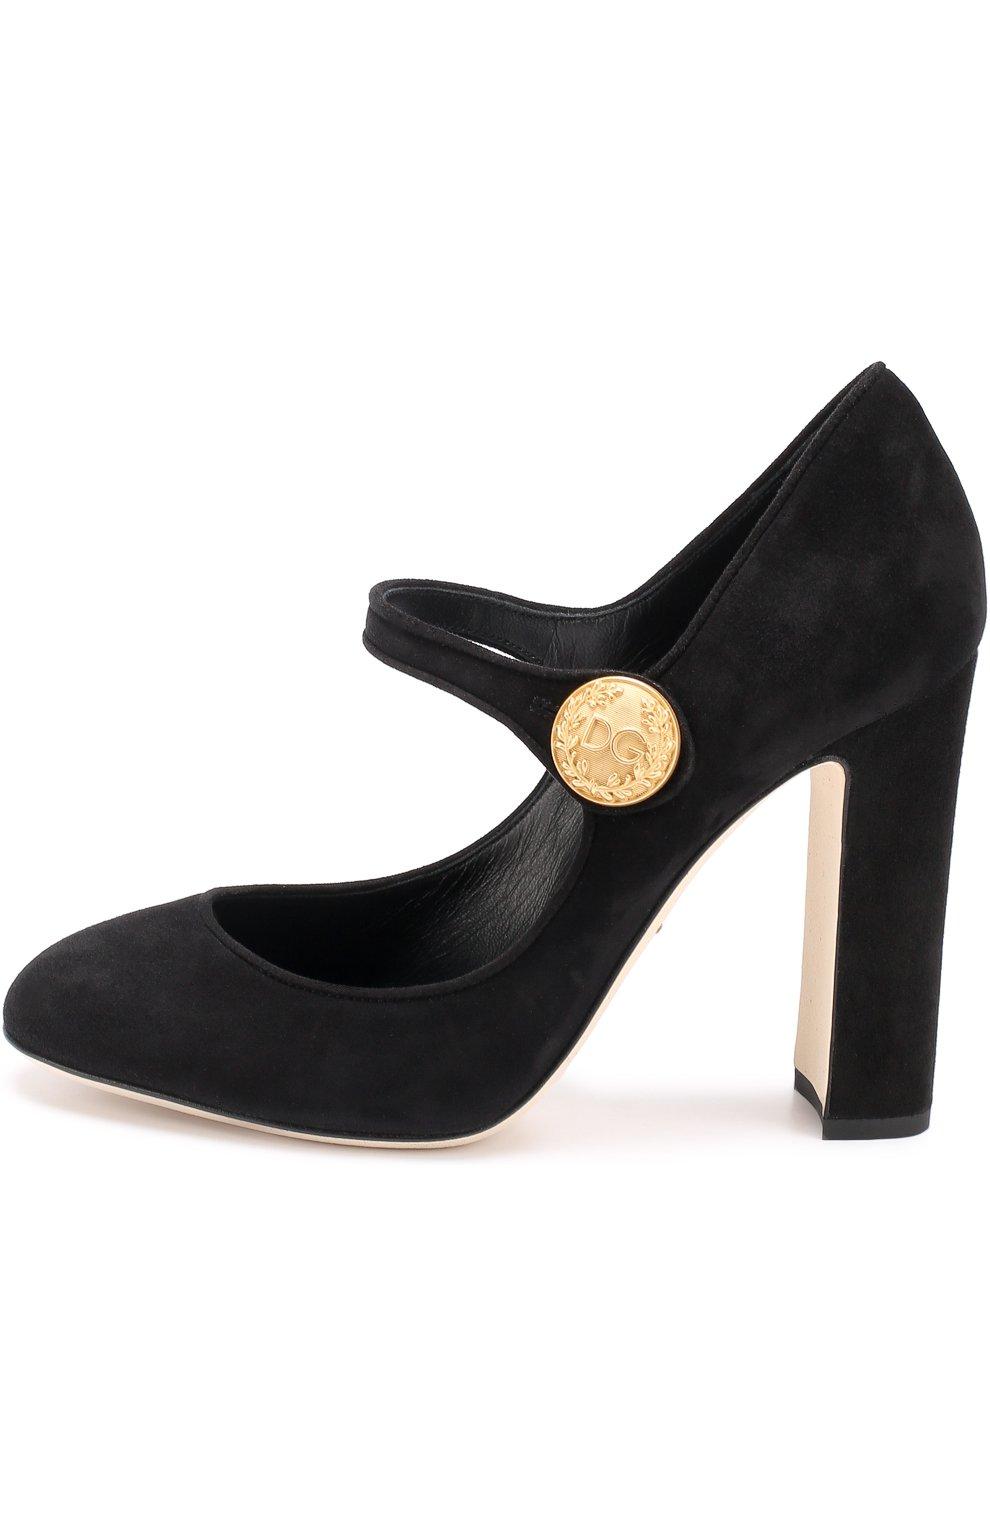 Замшевые туфли Vally на устойчивом каблуке Dolce & Gabbana черные   Фото №3